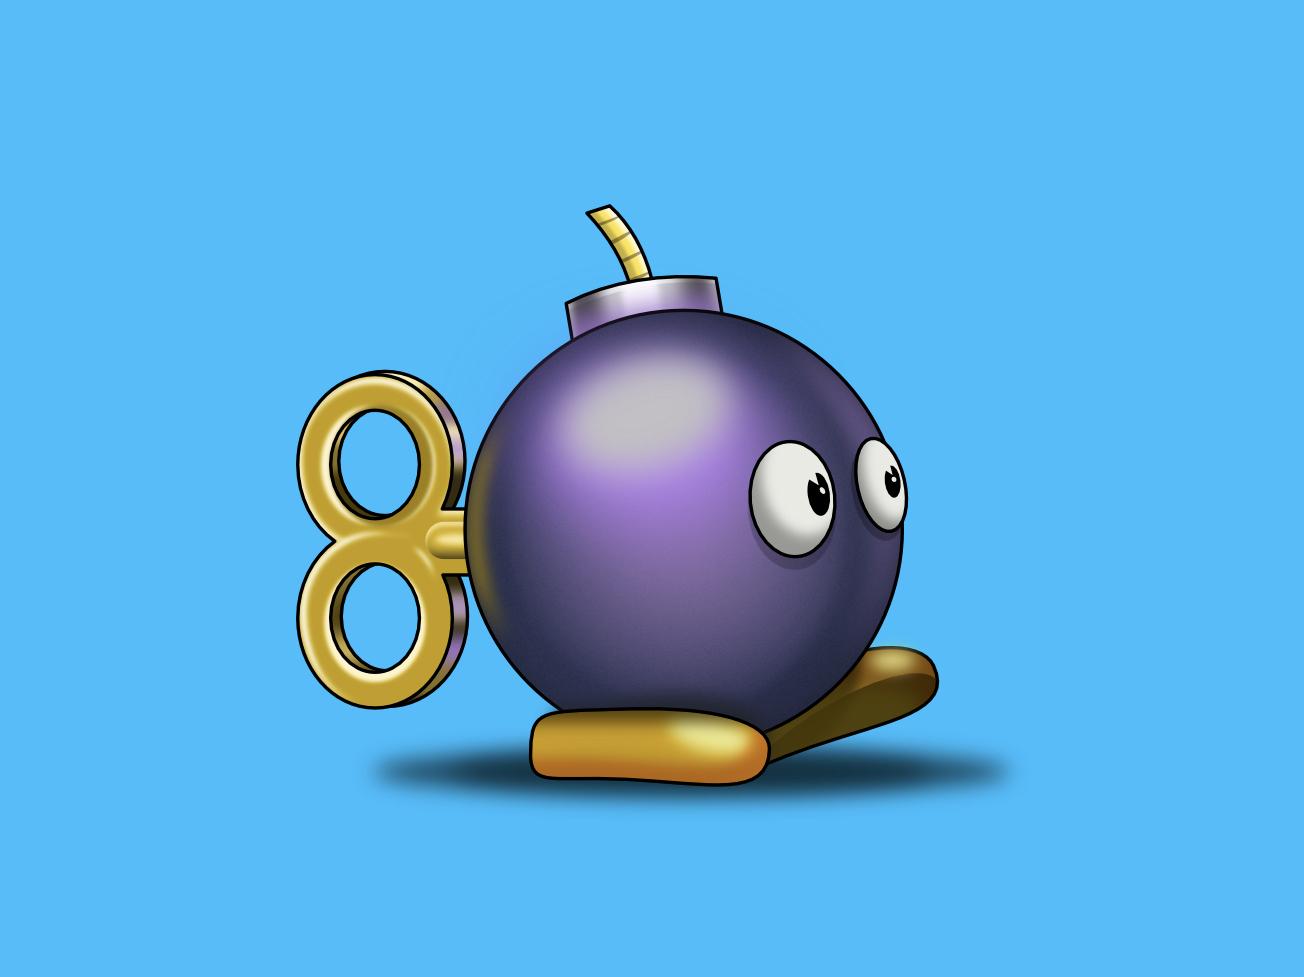 Super Mario Bomb supermario mario ipadpro affinitydesigner bomb